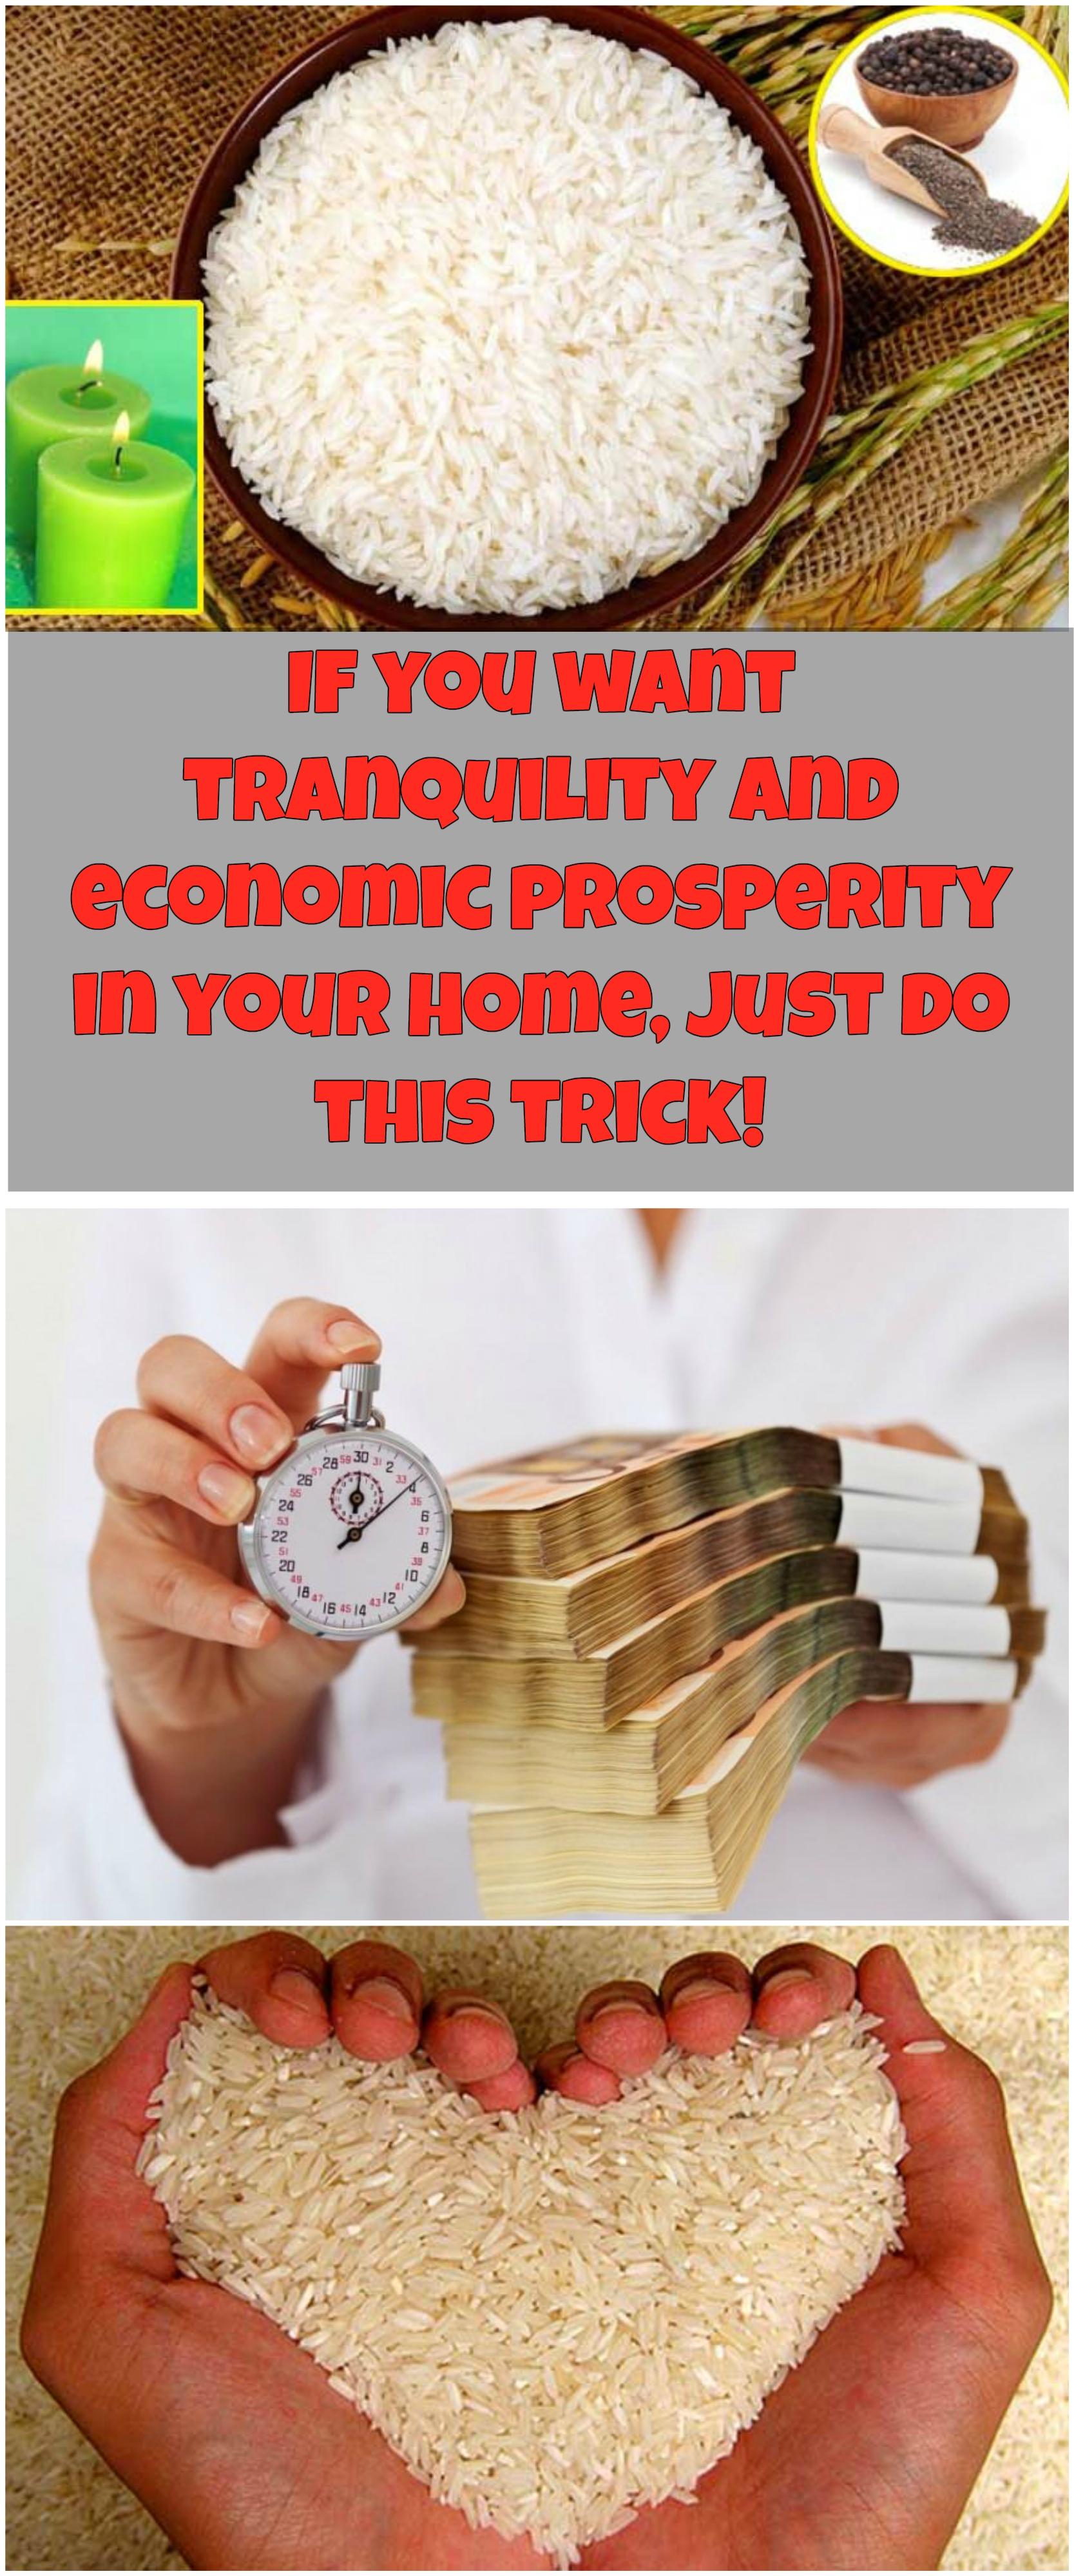 თუ გსურთ თქვენს სახლში სიმშვიდემ და ეკონომიკურმა აღმავლობამ დაისადგუროს, მაშინ სცადეთ აუცილებლად ეს ხრიკი!